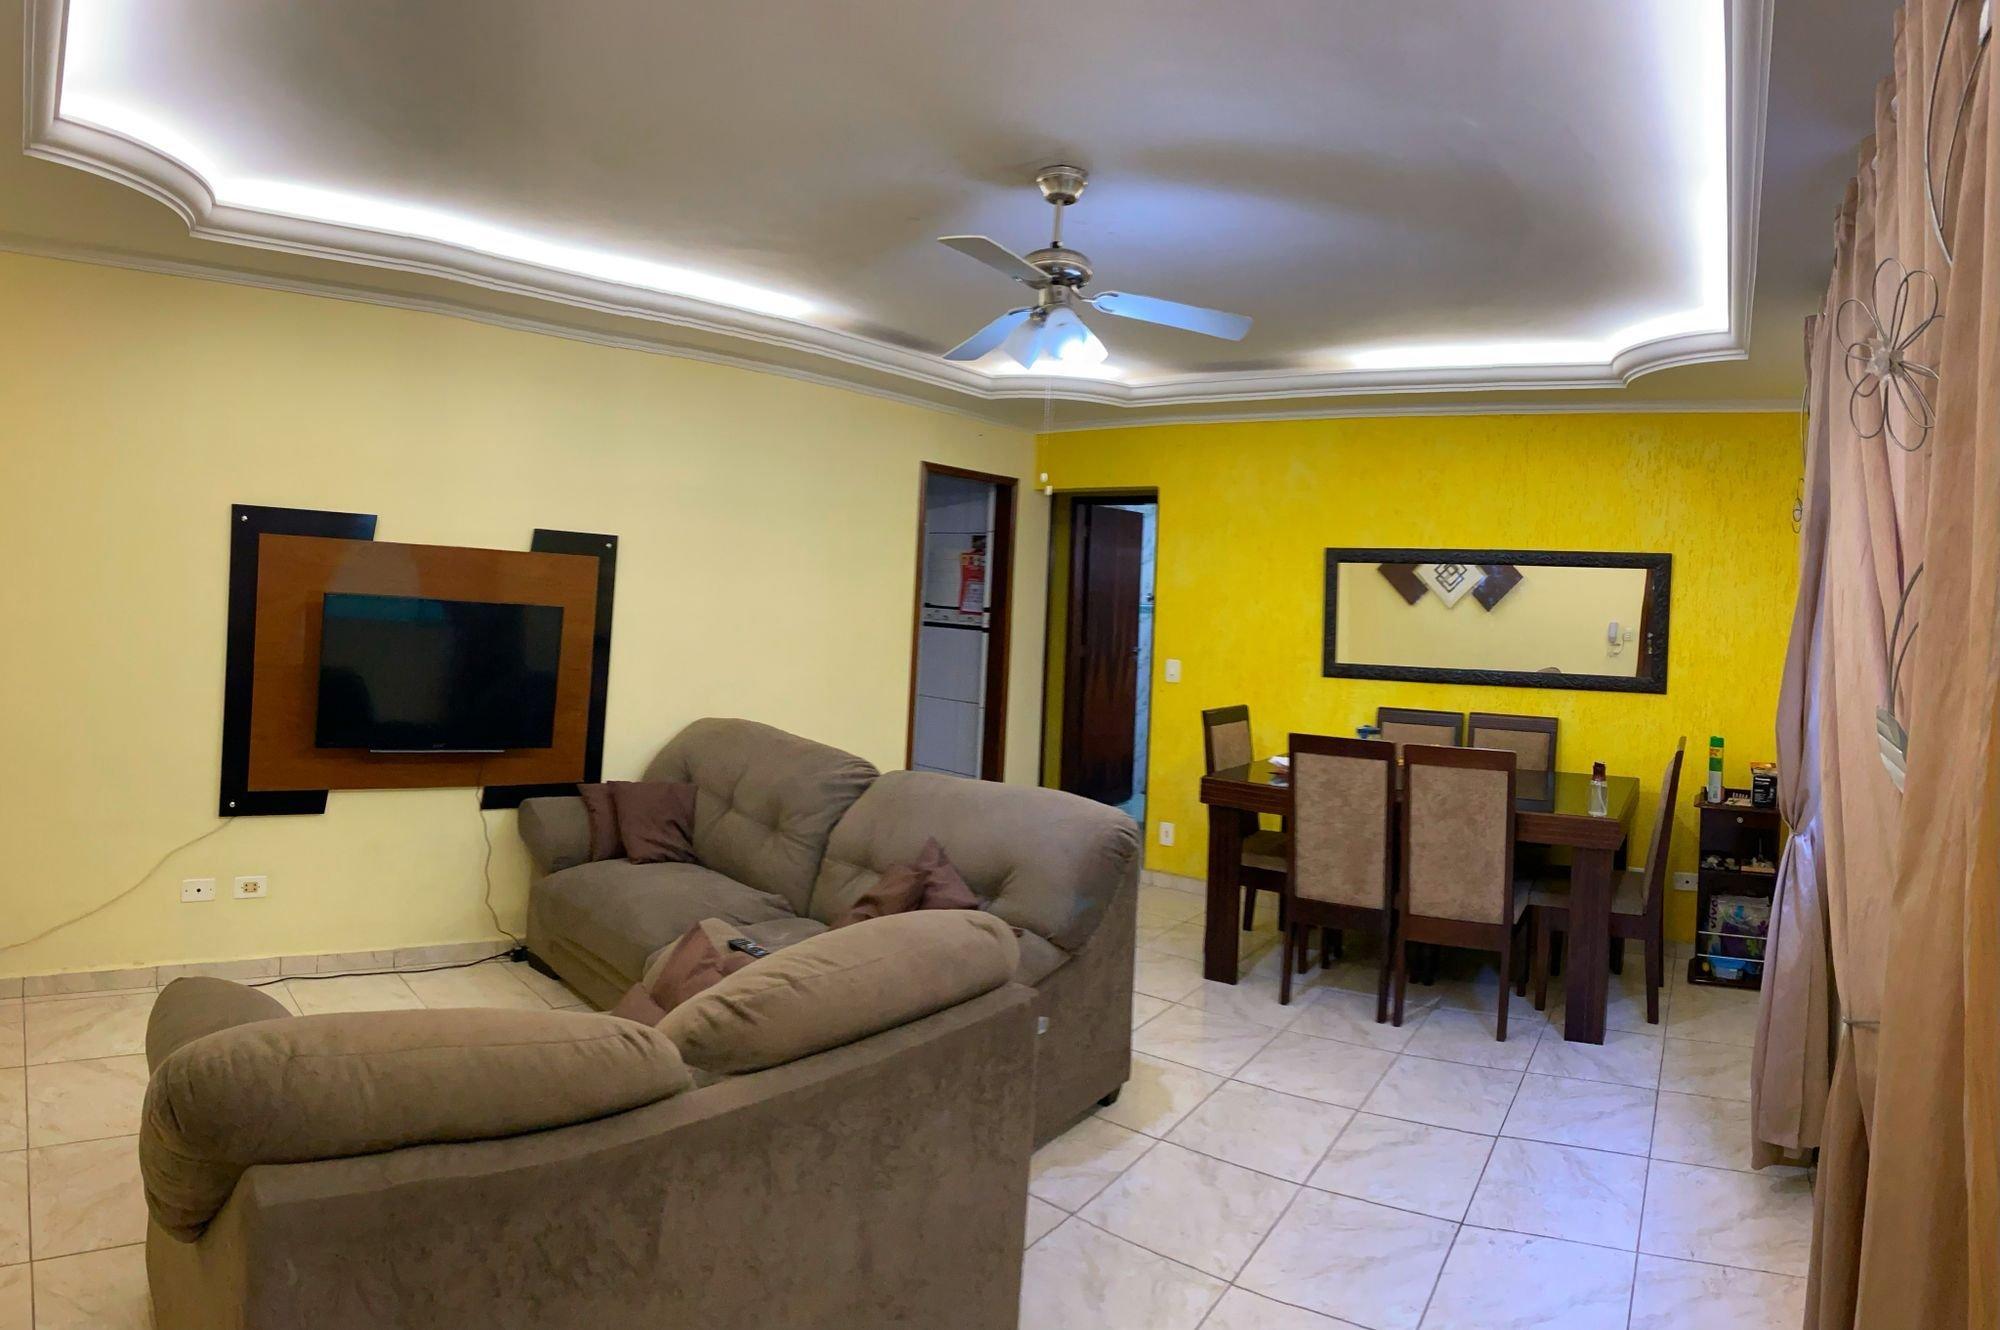 Foto de Sala com sofá, televisão, garrafa, cadeira, mesa de jantar